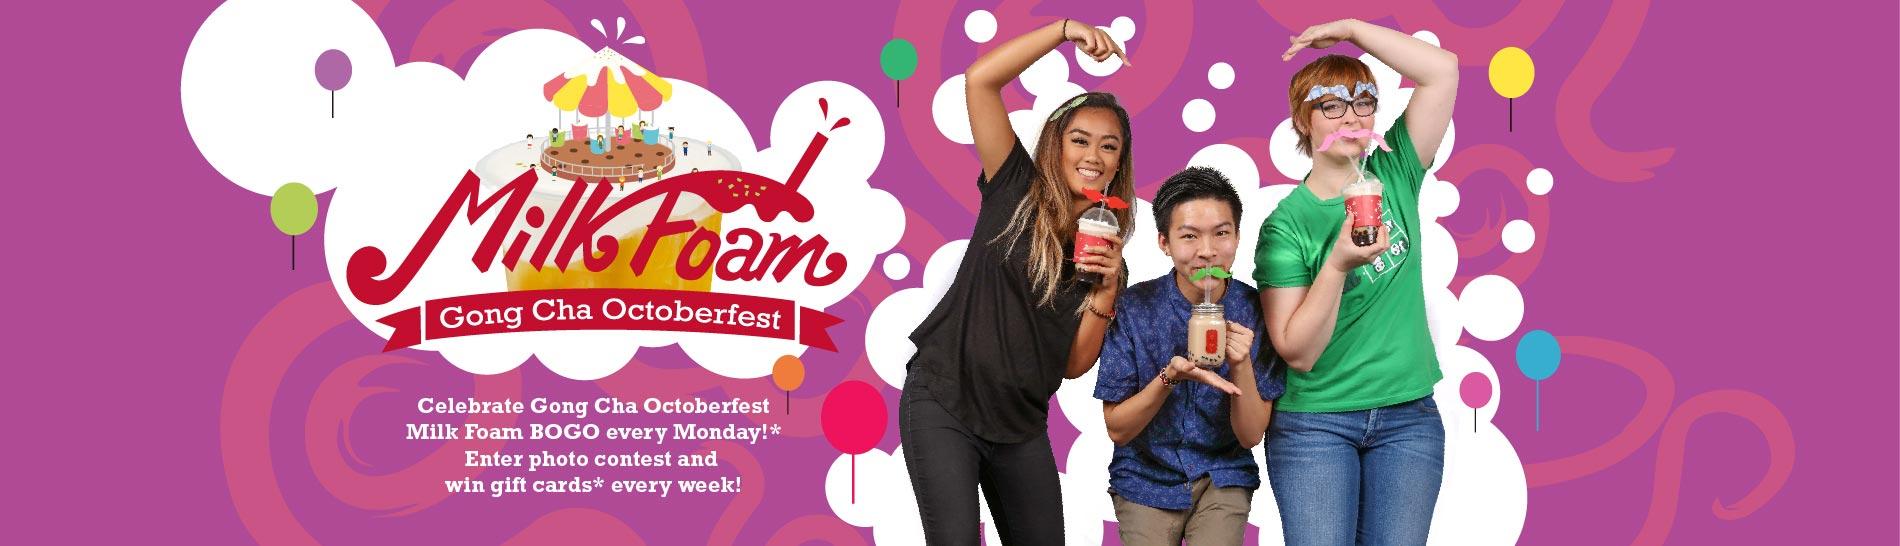 Gong Cha Octoberfest Milk Foam